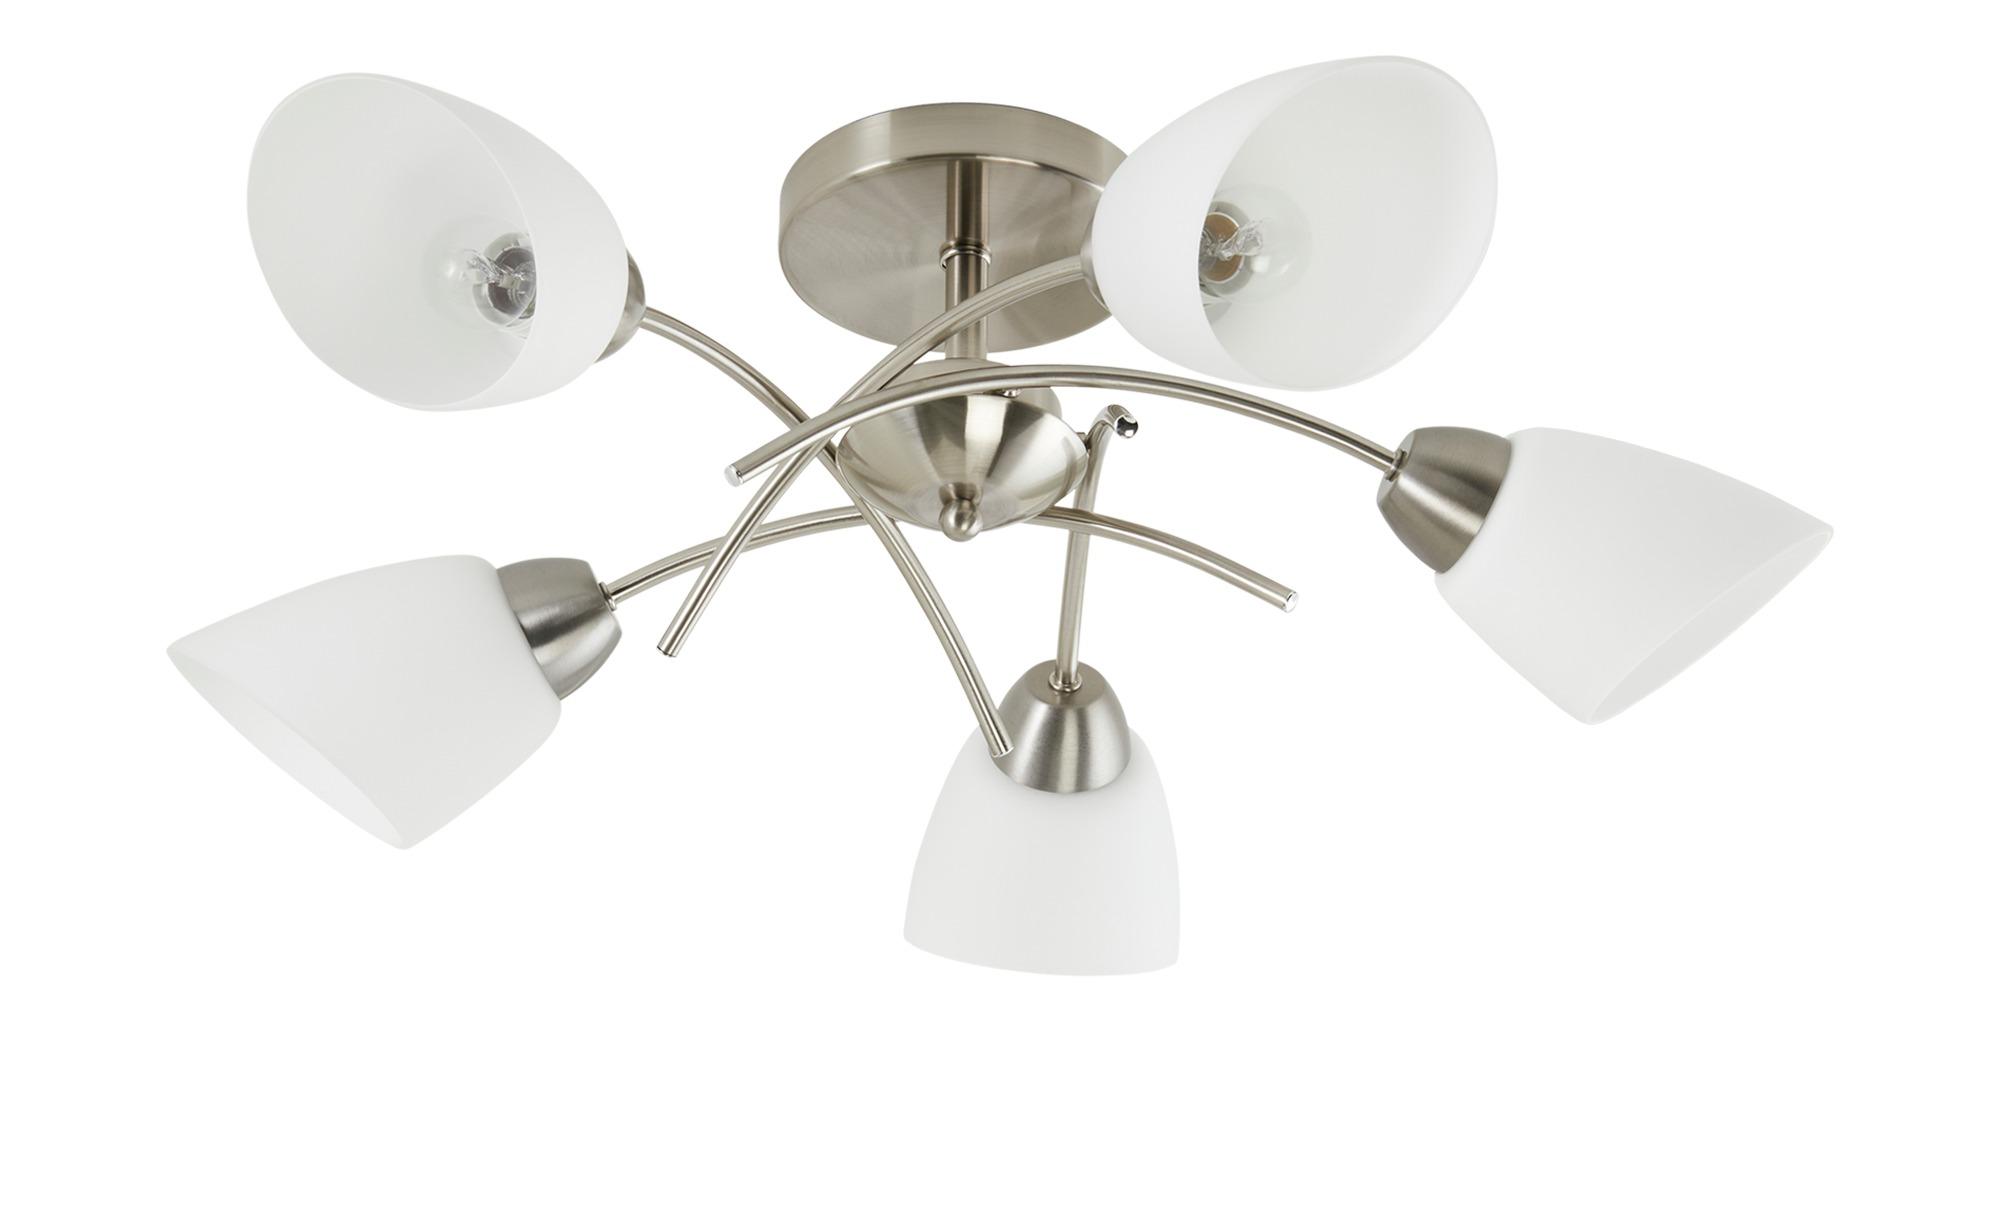 Deckenleuchte, 5-flammig, Nickel-matt, Glas weiß ¦ silber ¦ Maße (cm): H: 29 Ø: 70 Lampen & Leuchten > Innenleuchten > Deckenleuchten - Höffner